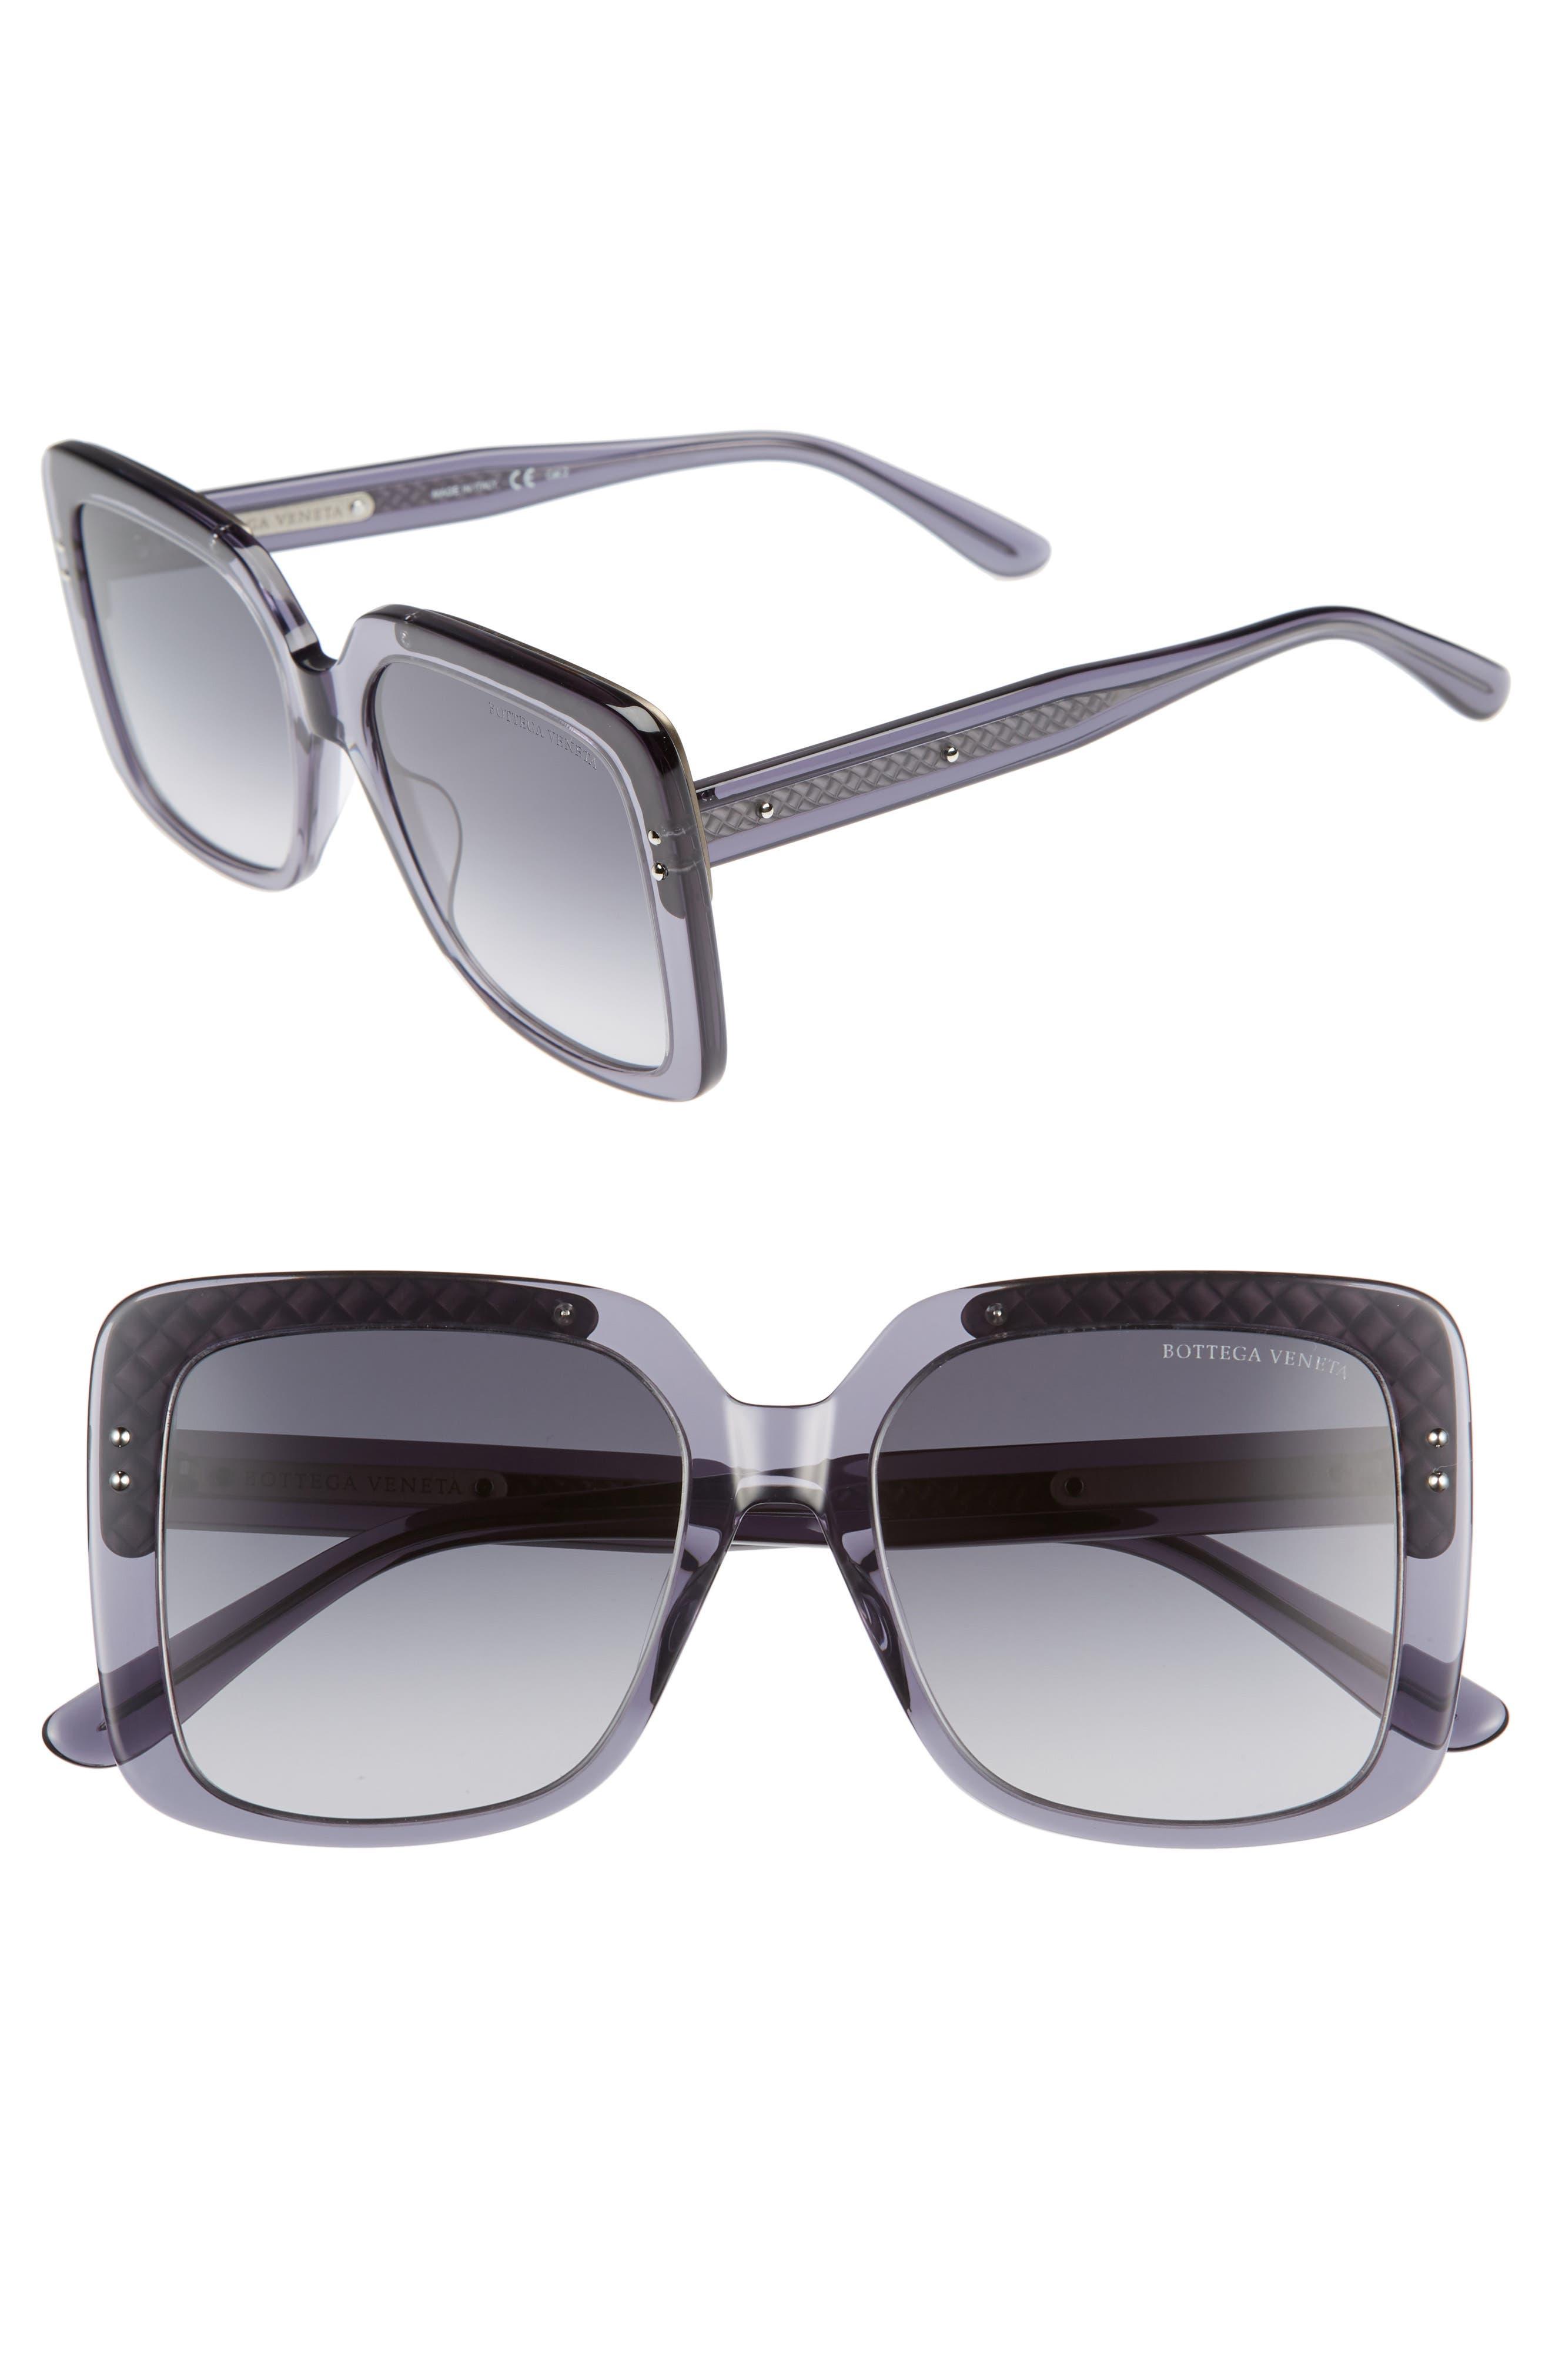 Bottega Veneta 54mm Square Lens Sunglasses